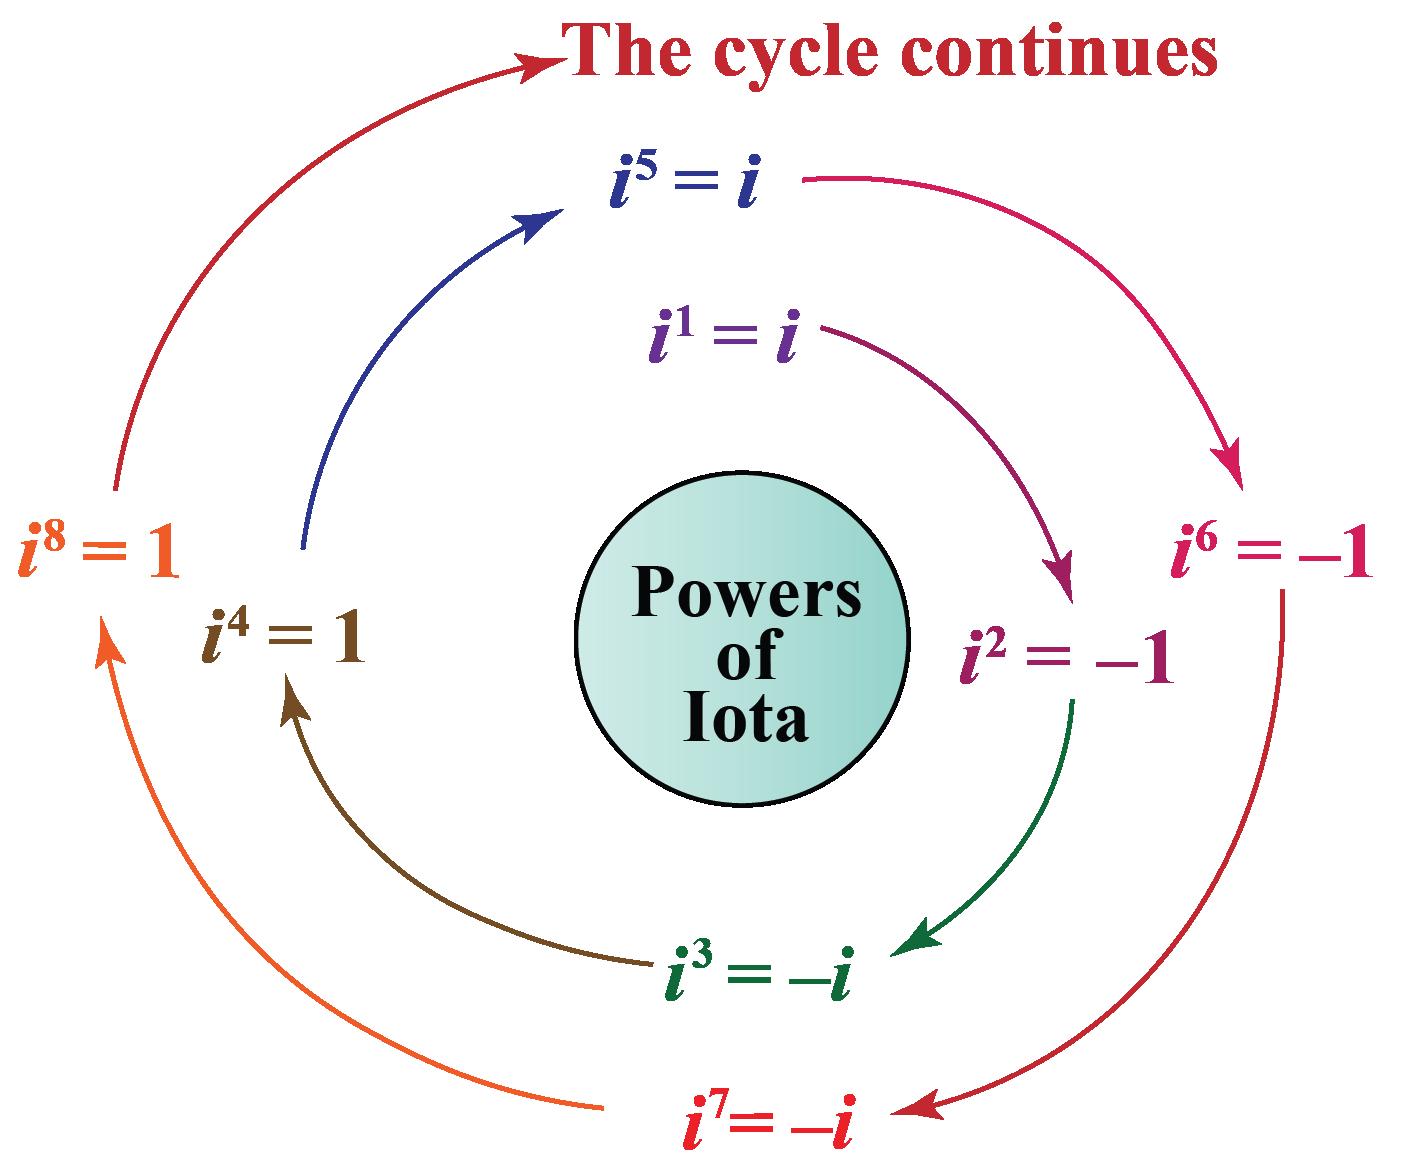 Powers of iota